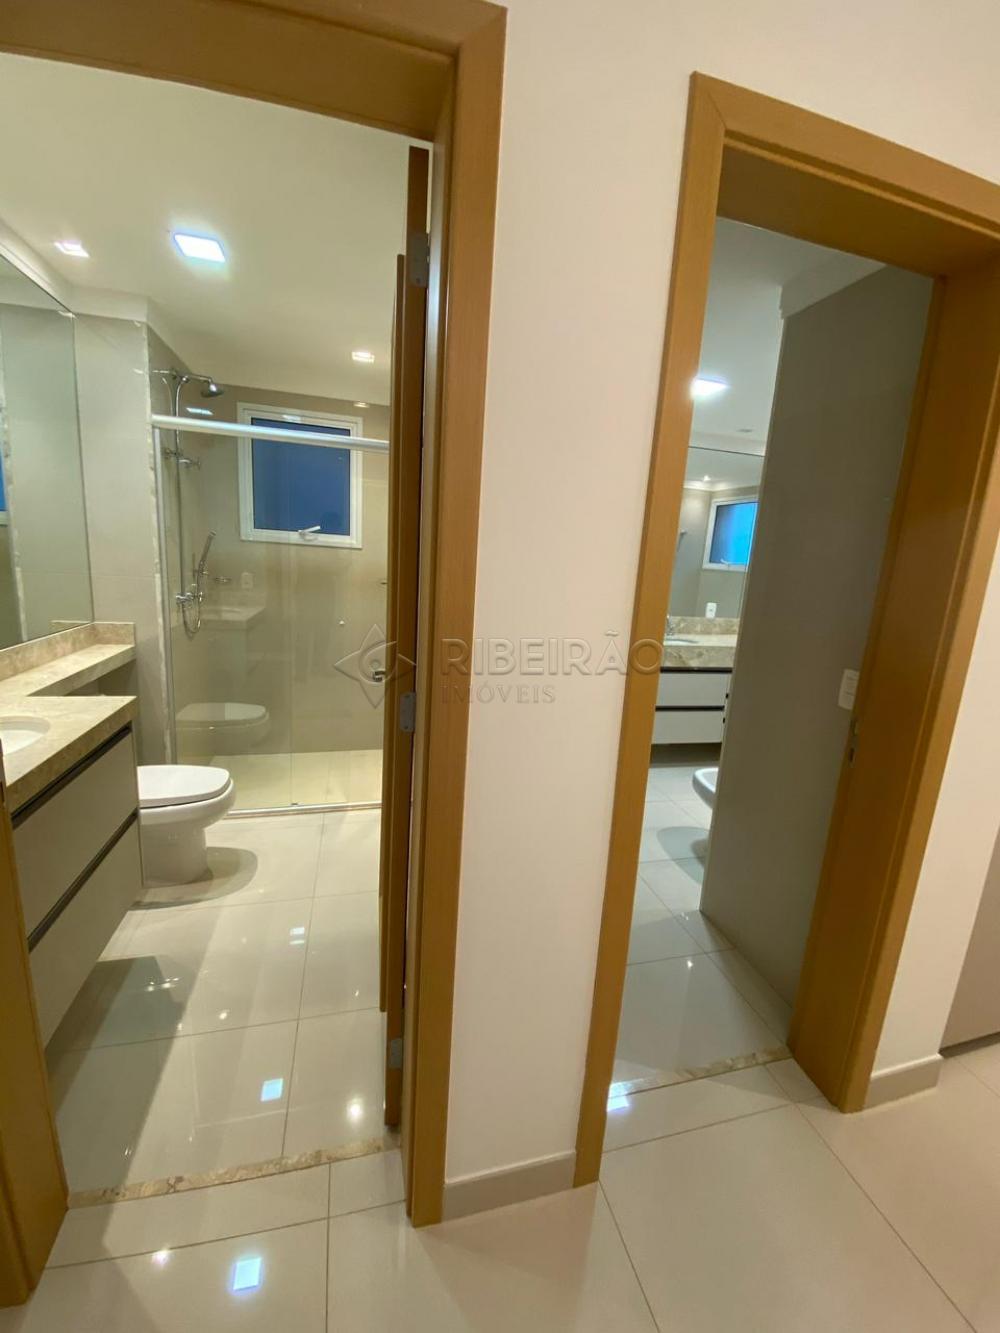 Alugar Apartamento / Padrão em Ribeirão Preto R$ 8.600,00 - Foto 19